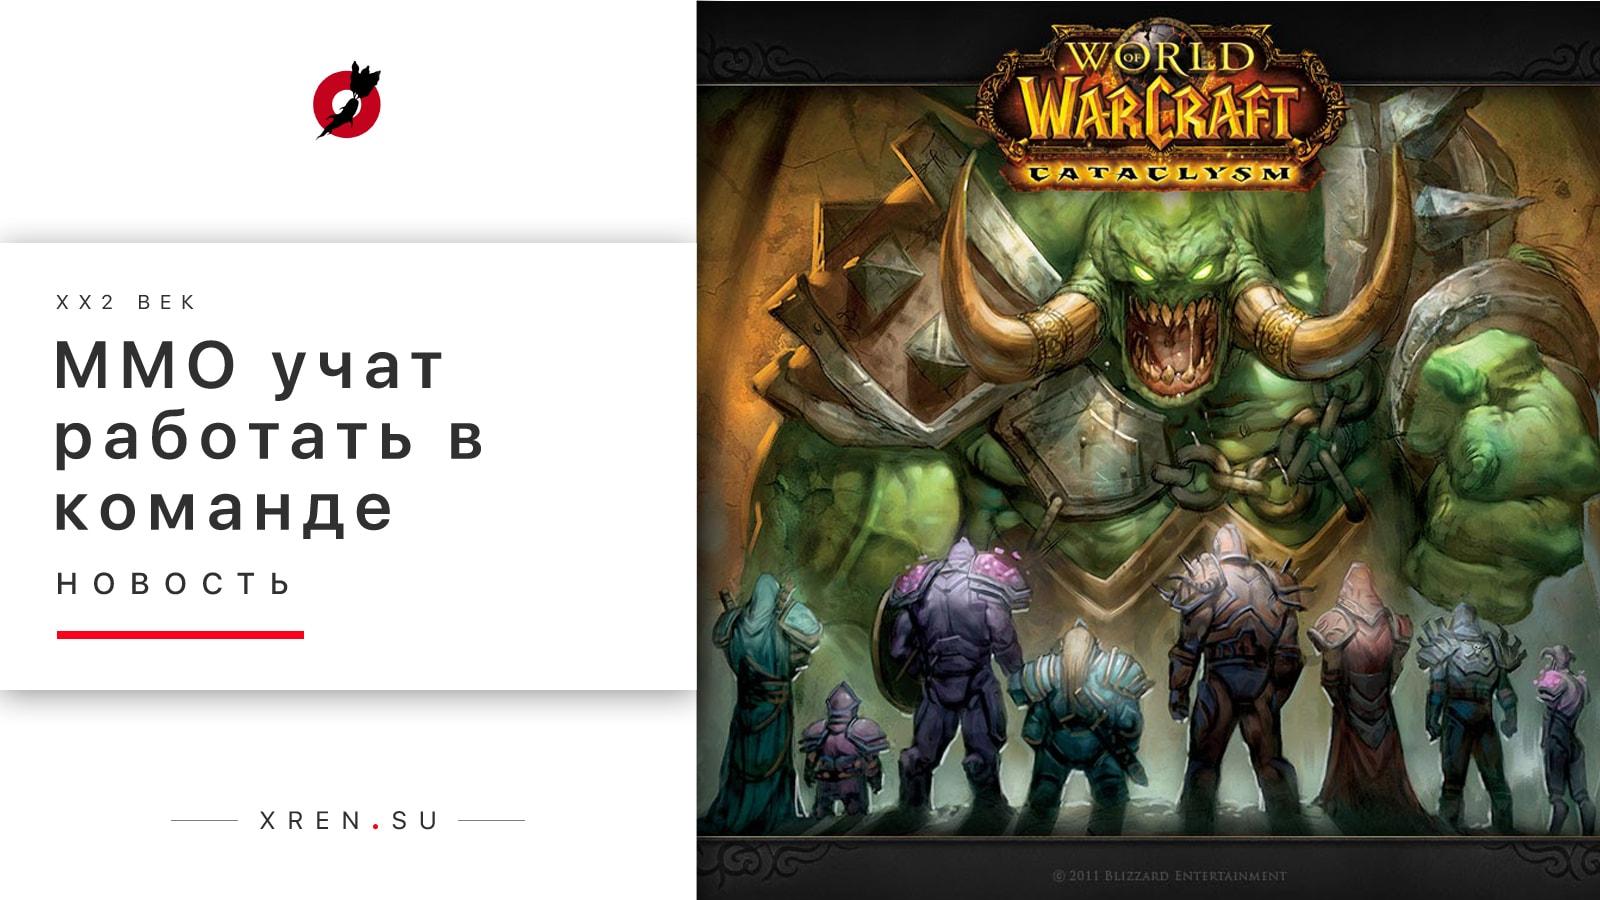 World of Warcraft и другие MMO учат работать в команде